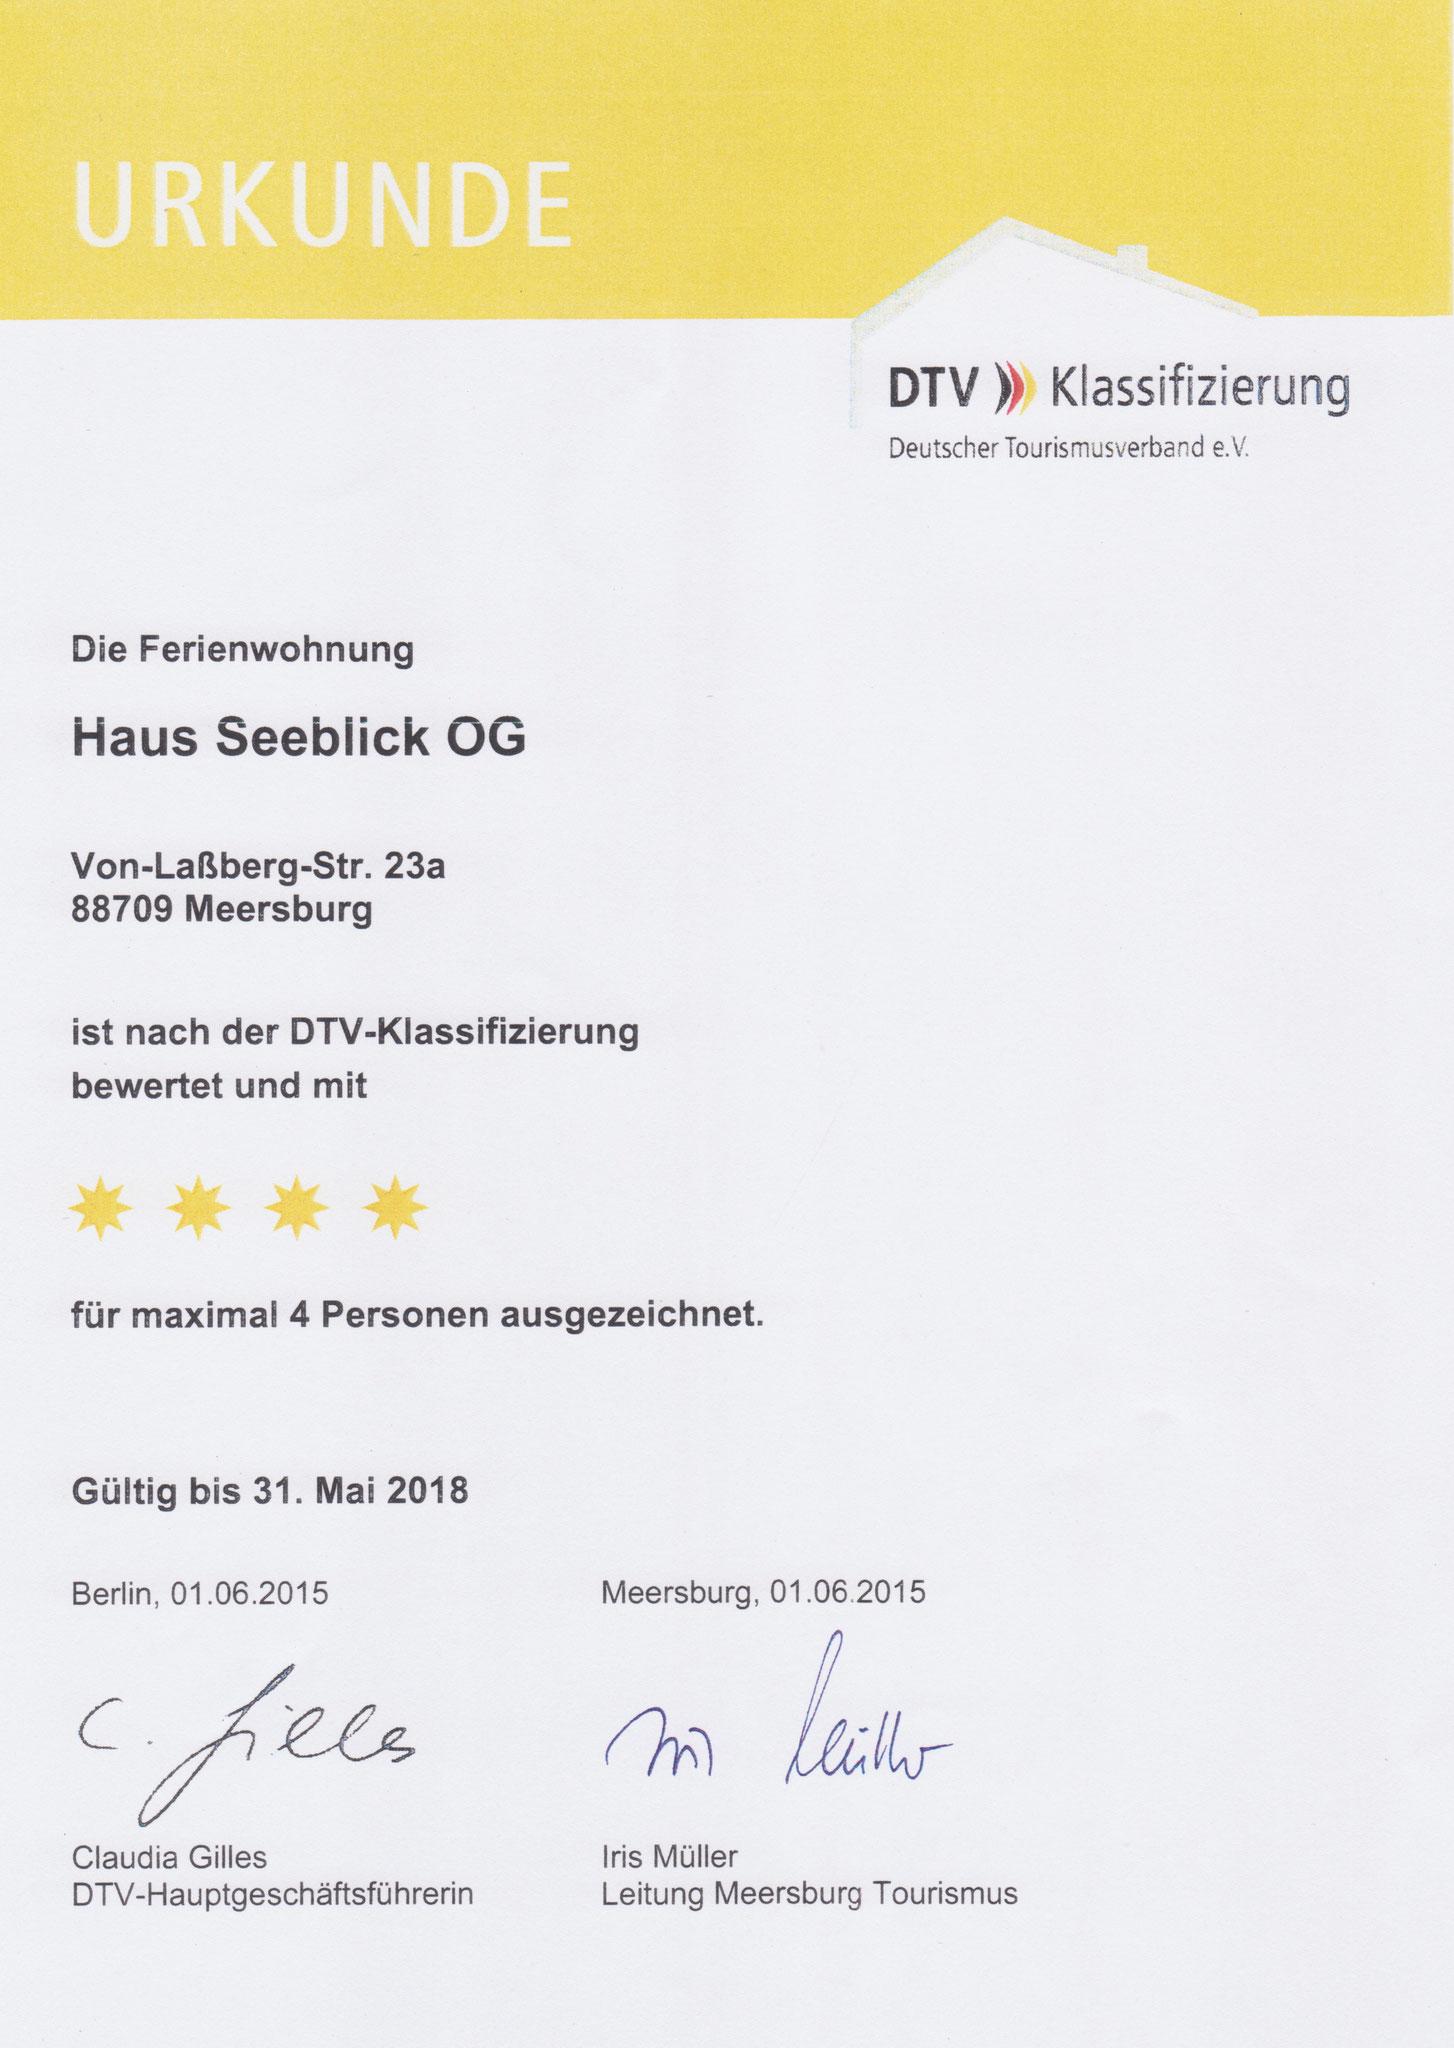 Urkunde 2015 Klassifizierung OG-Wohnung F****